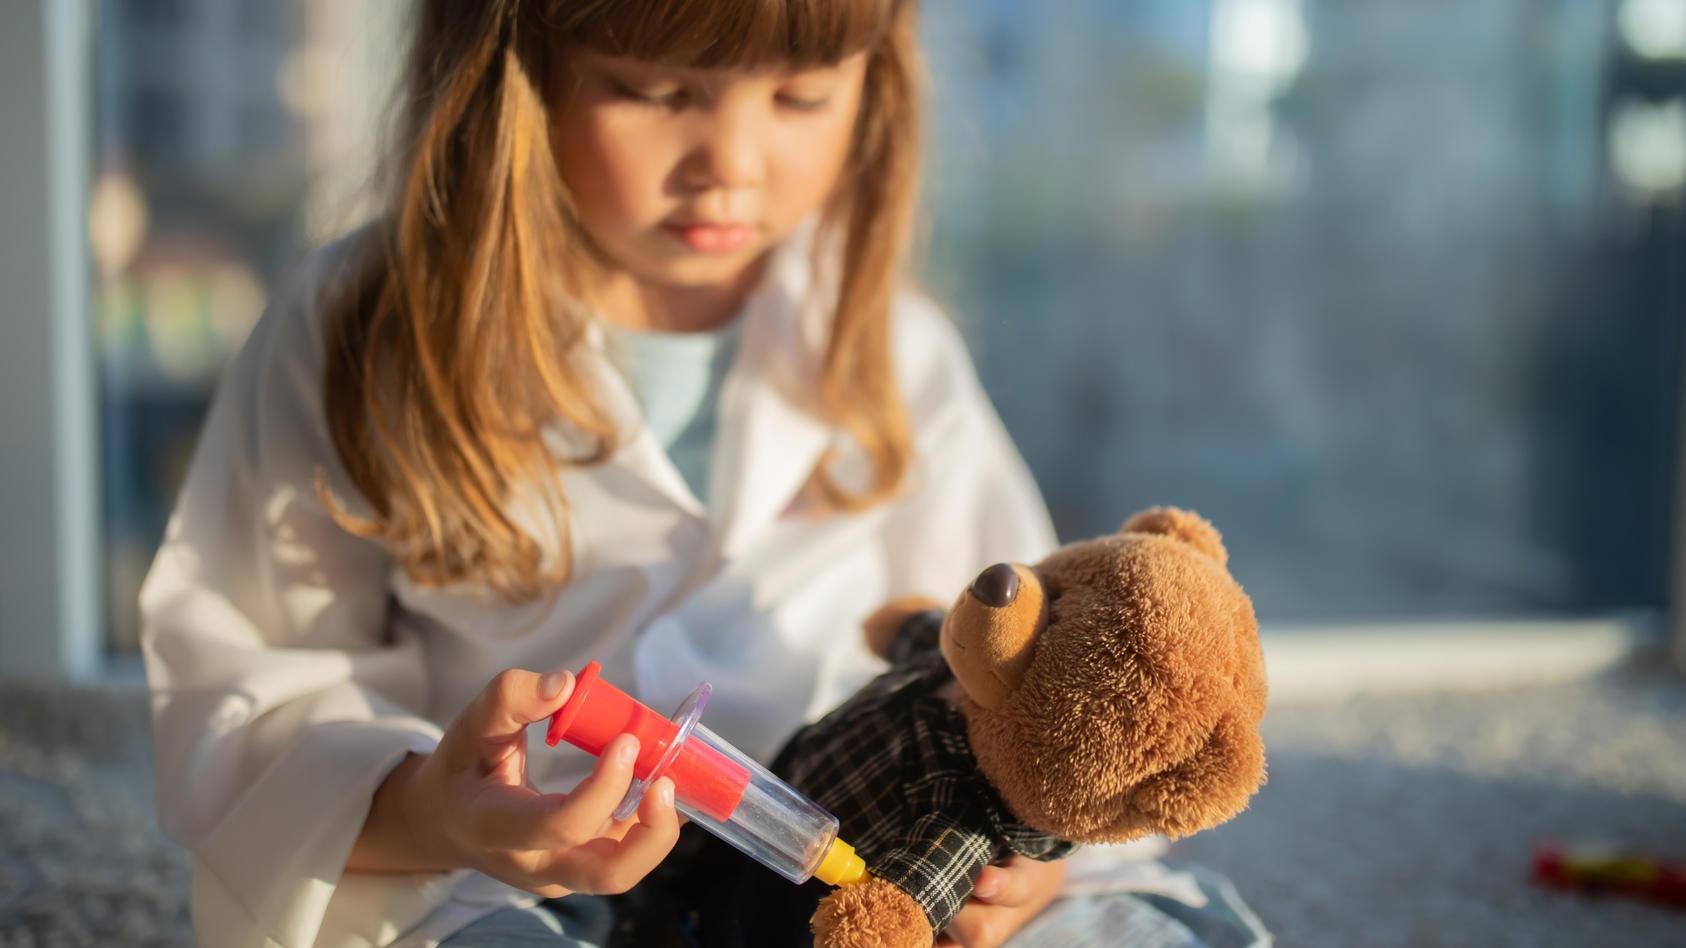 Kinder sollen vorerst nicht gegen Corona geimpft werden. Auch nicht die Risikogruppen?